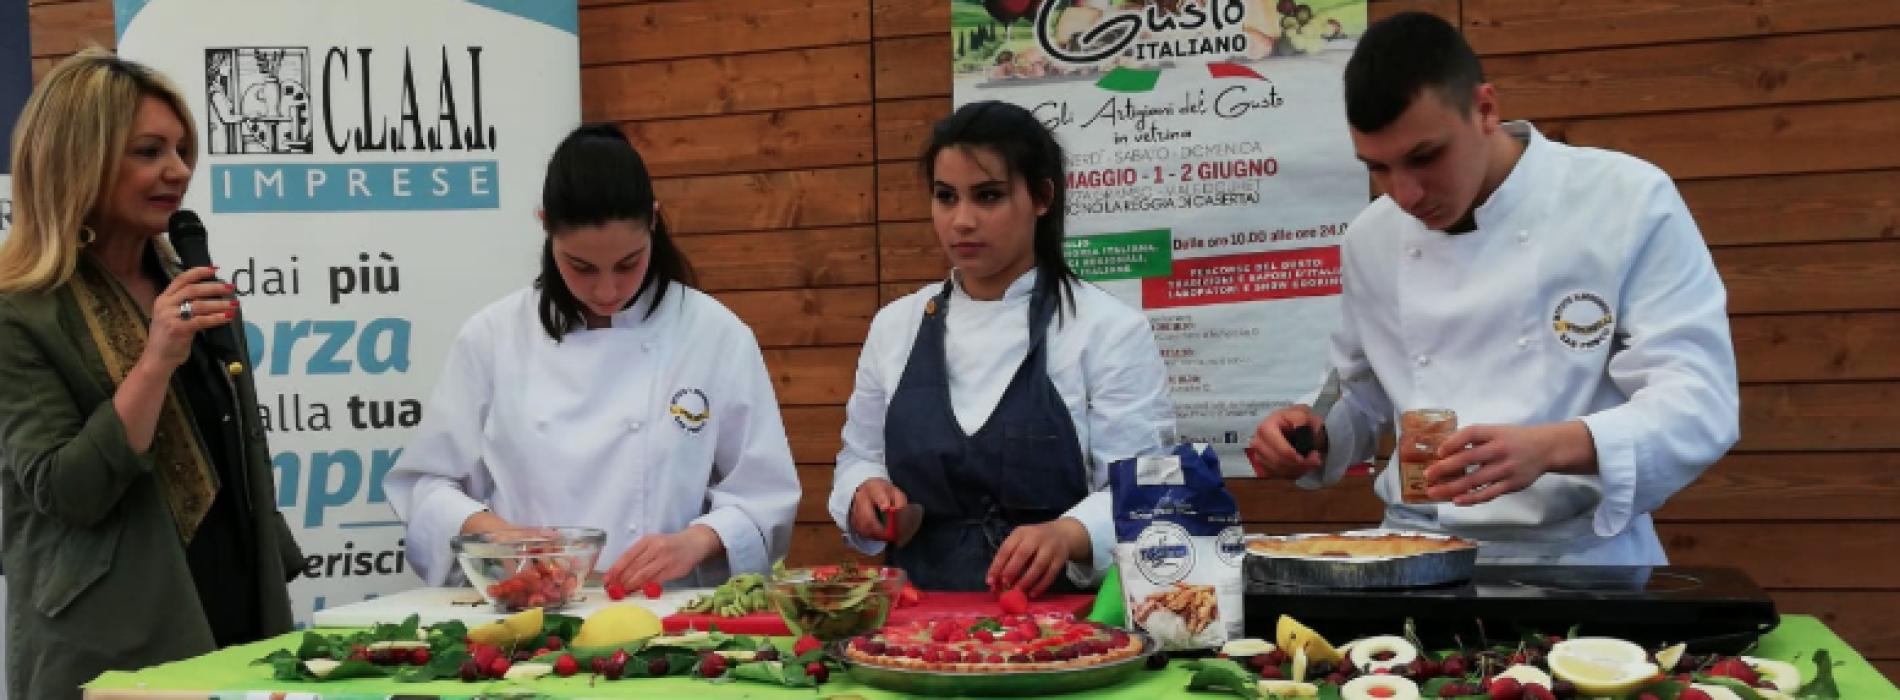 Gusto italiano, tra show cooking e laboratori vince la qualità